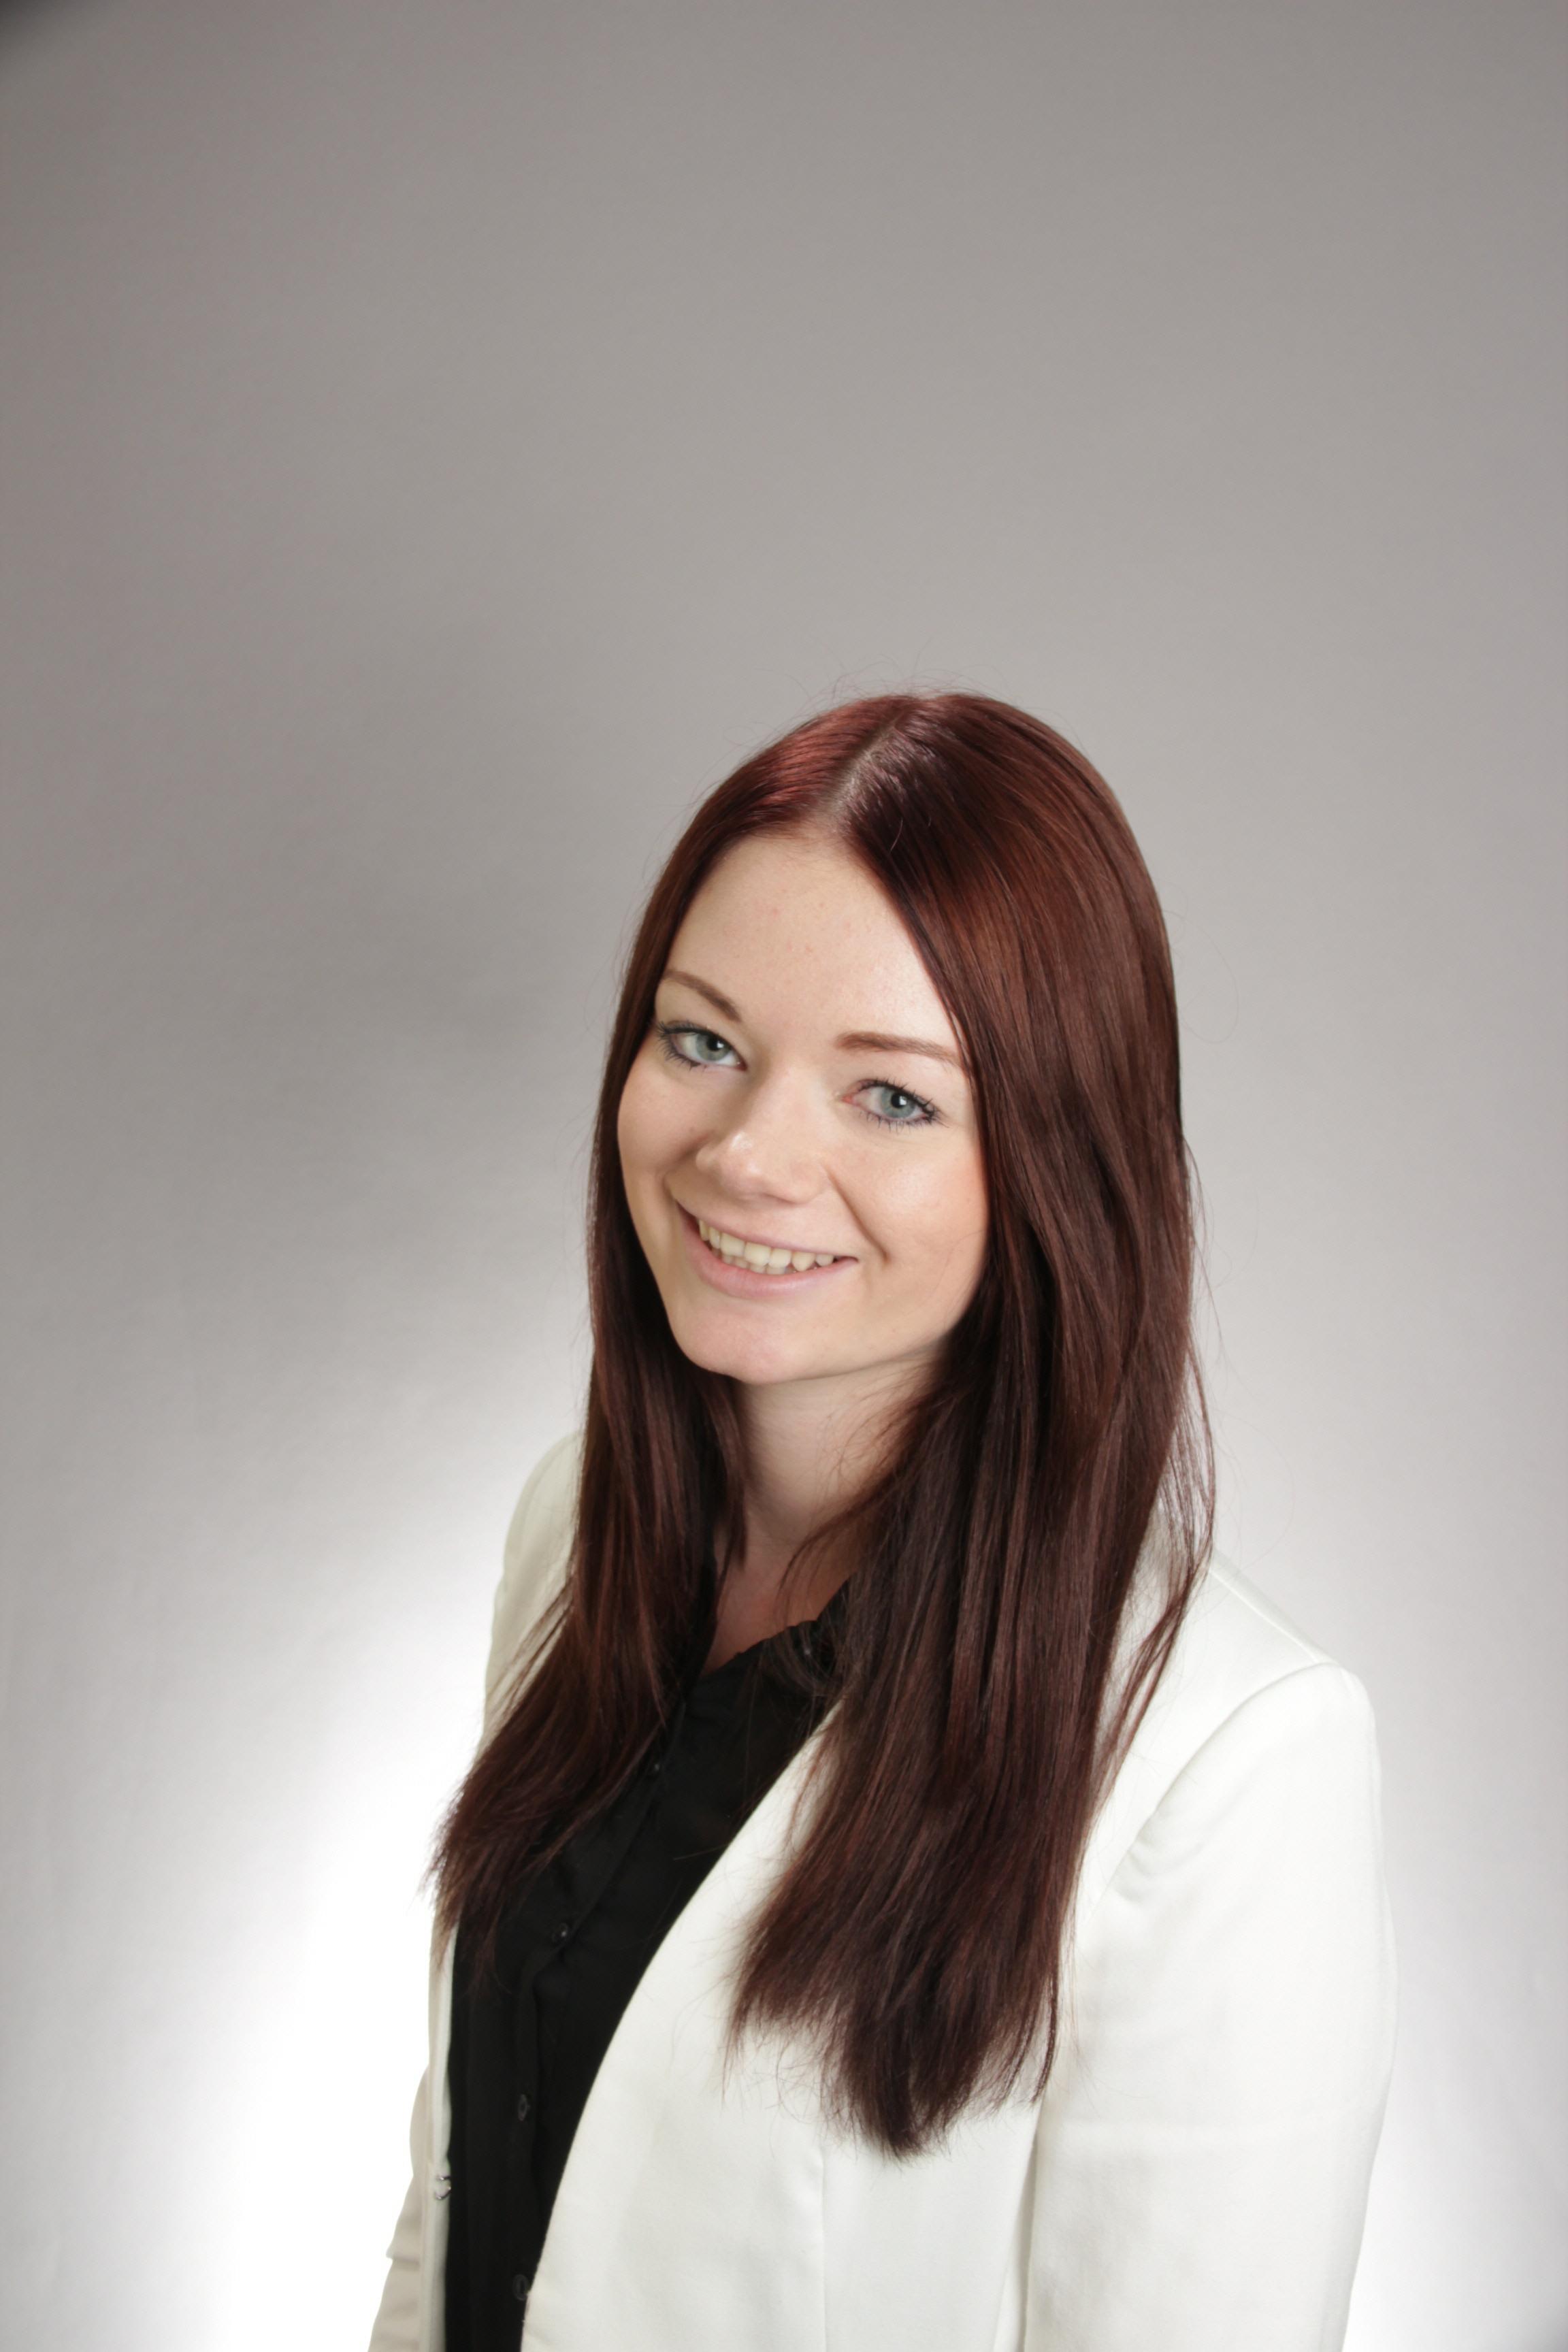 Model Vanessa aus Achim Haarfarbe: braun (dunkel)